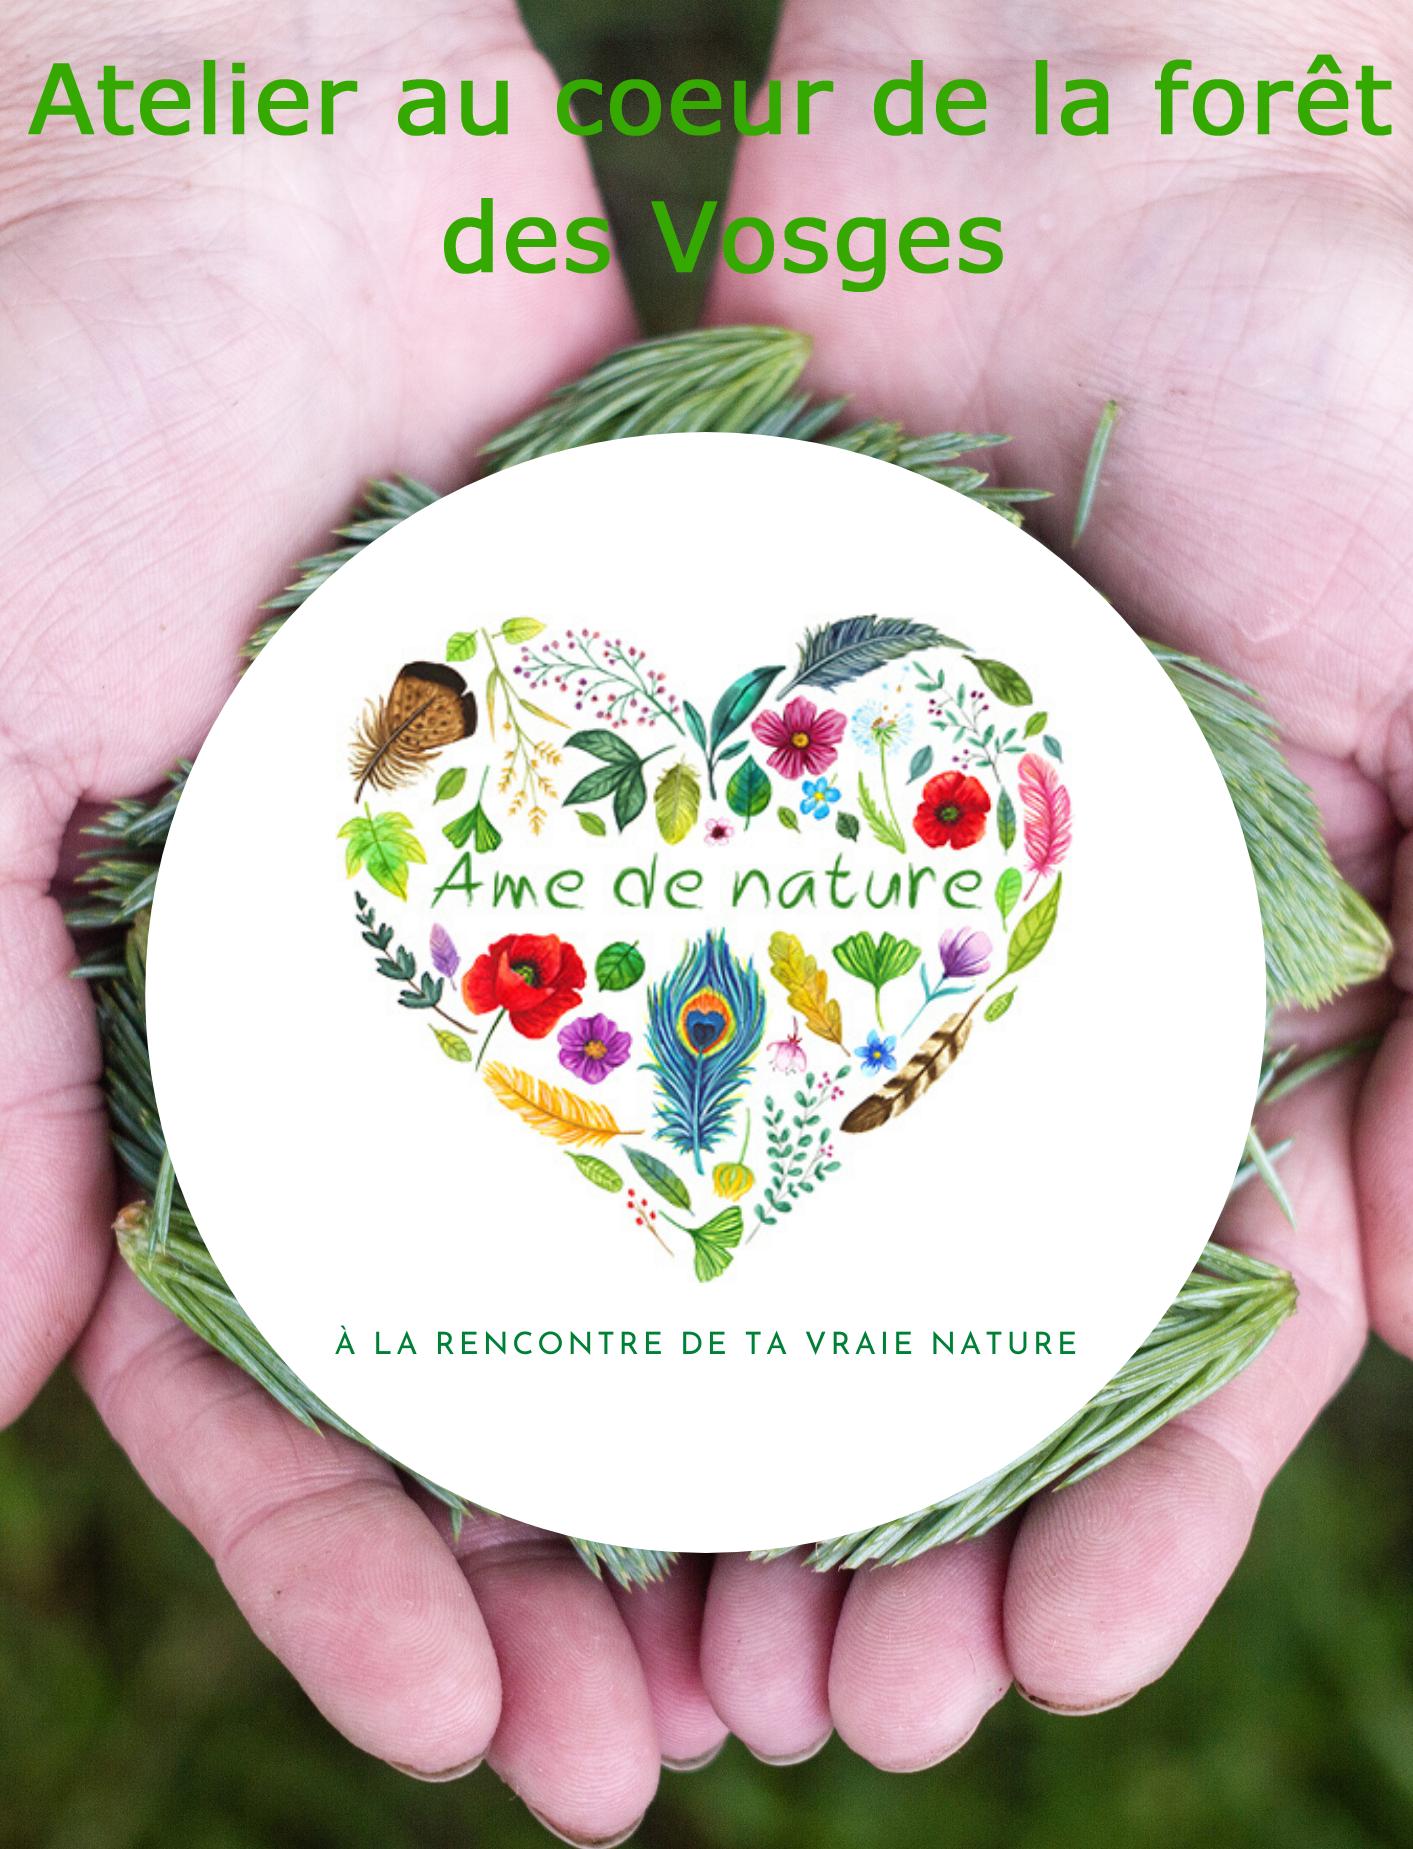 Atelier nature Vosges